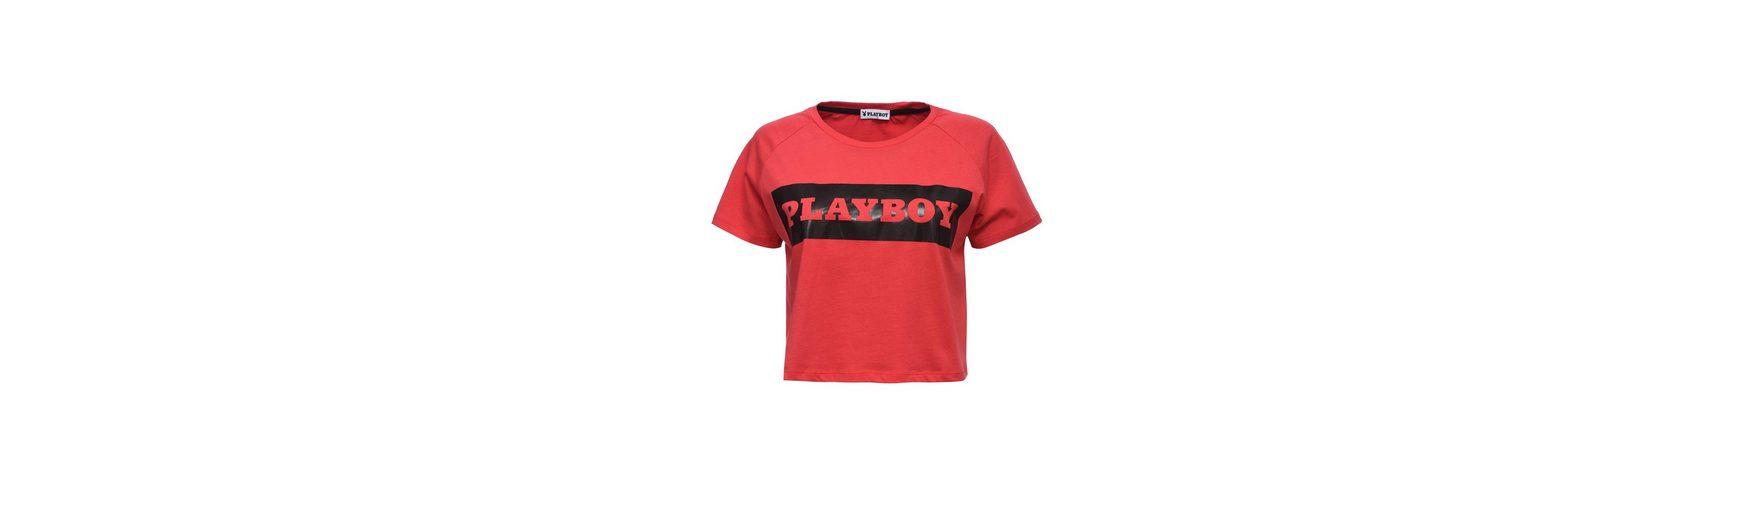 Playboy T-Shirt mit Markenprint Offizielle Seite Günstiger Preis CzBgDS7